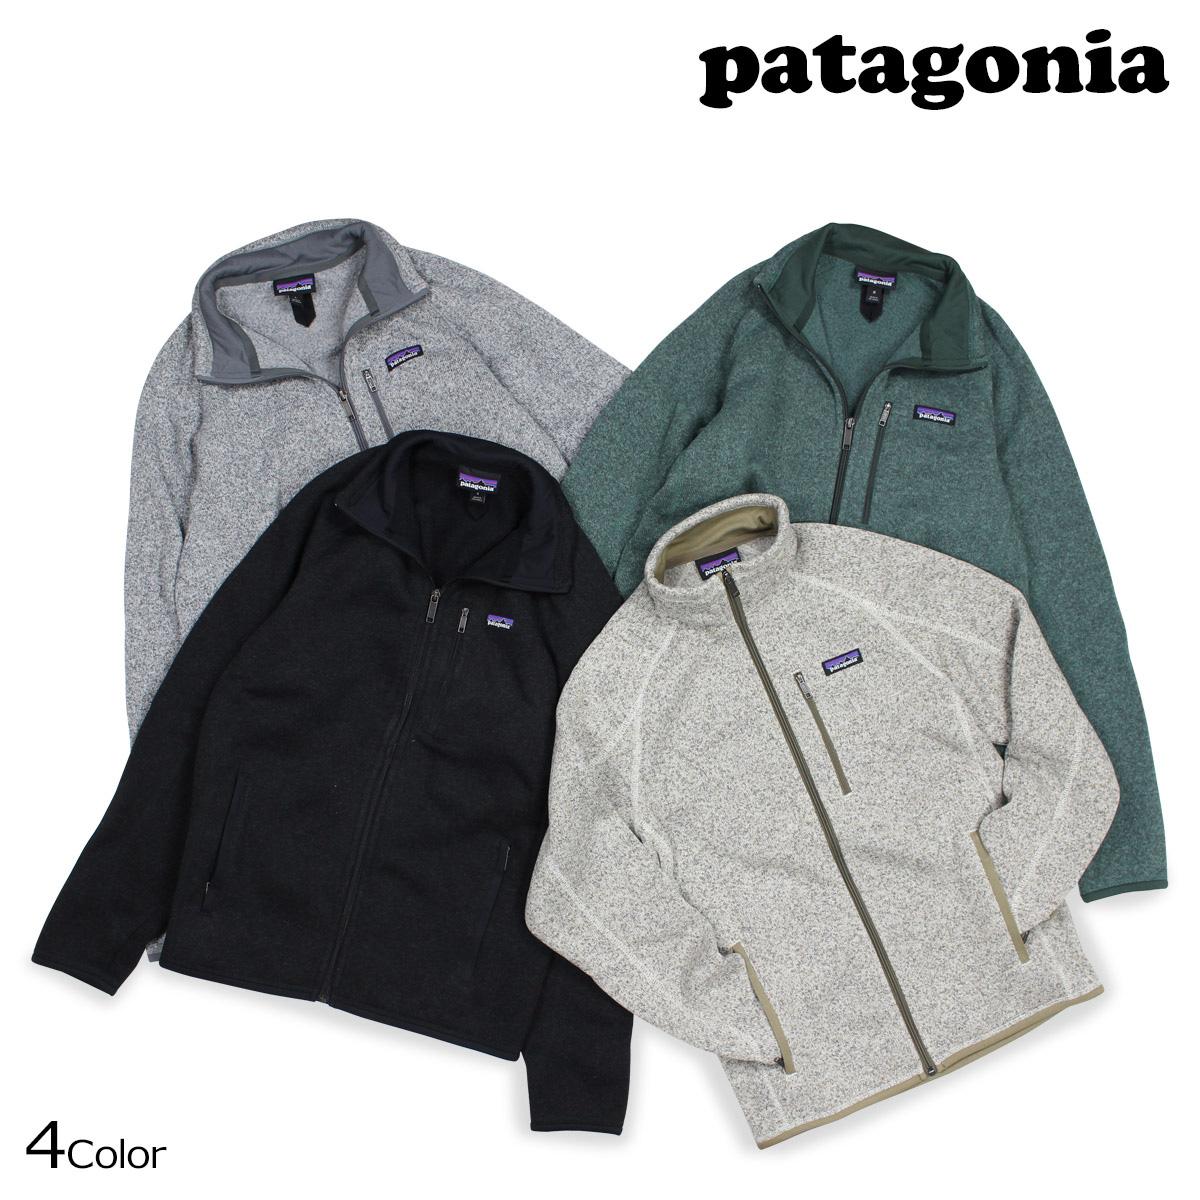 04ba38baa9c8 patagonia MENS BETTER SWEATER JACKET Patagonia fleece jacket men 25527   2 22 Shinnyu load   182